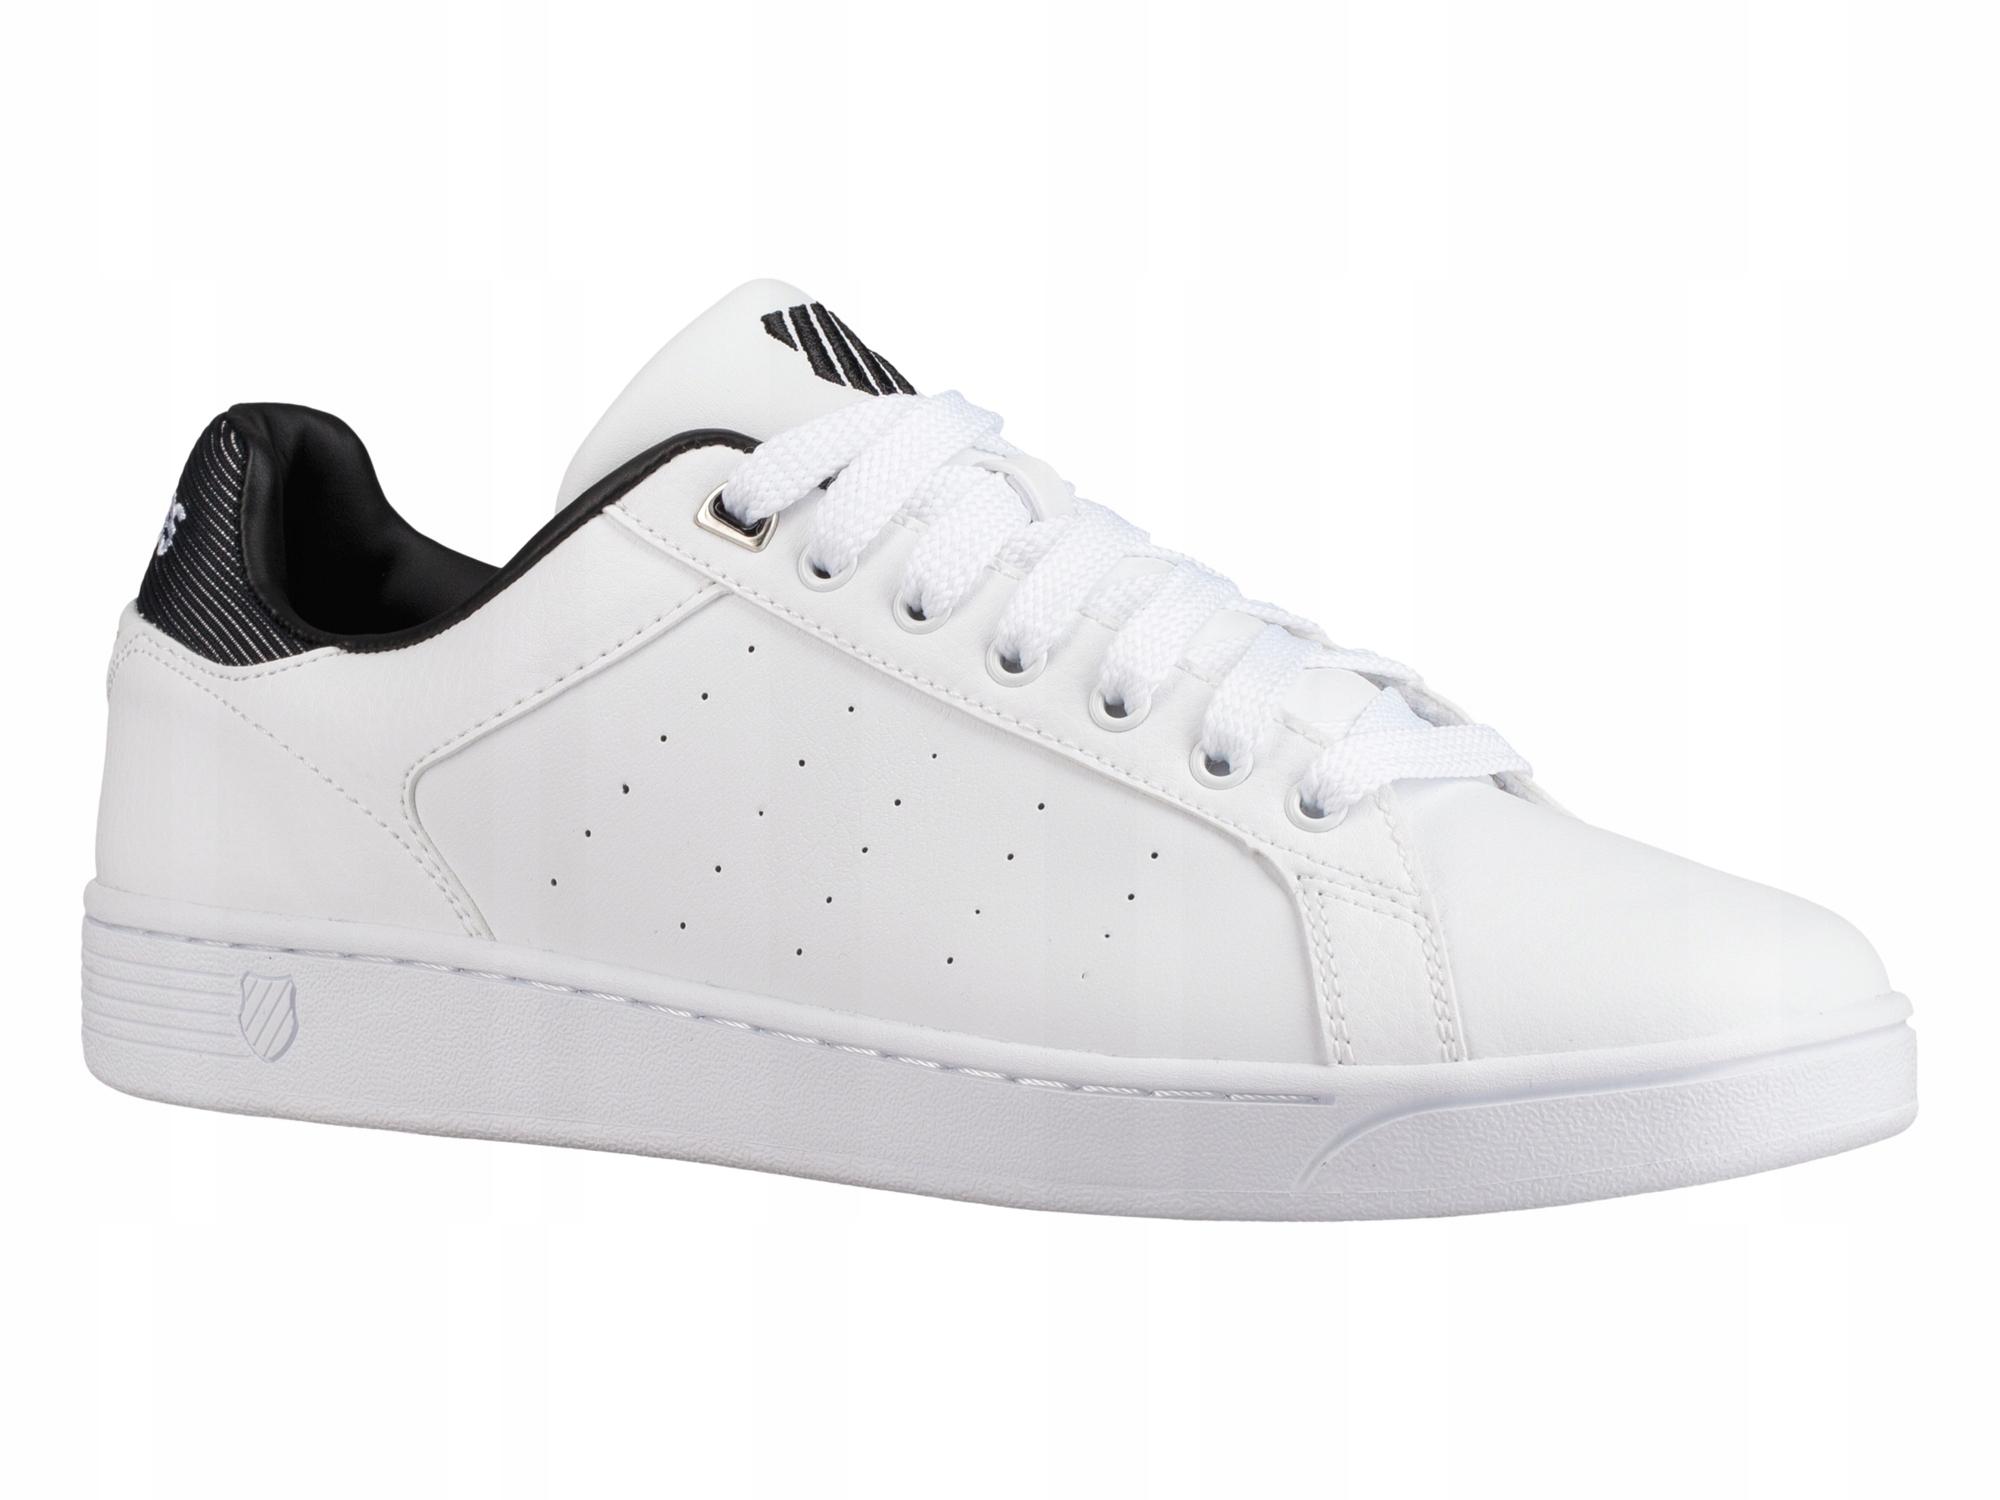 19d688e4c158e S2467 K-SWISS tenisówki buty męskie białe r. 42 - 7577031246 ...